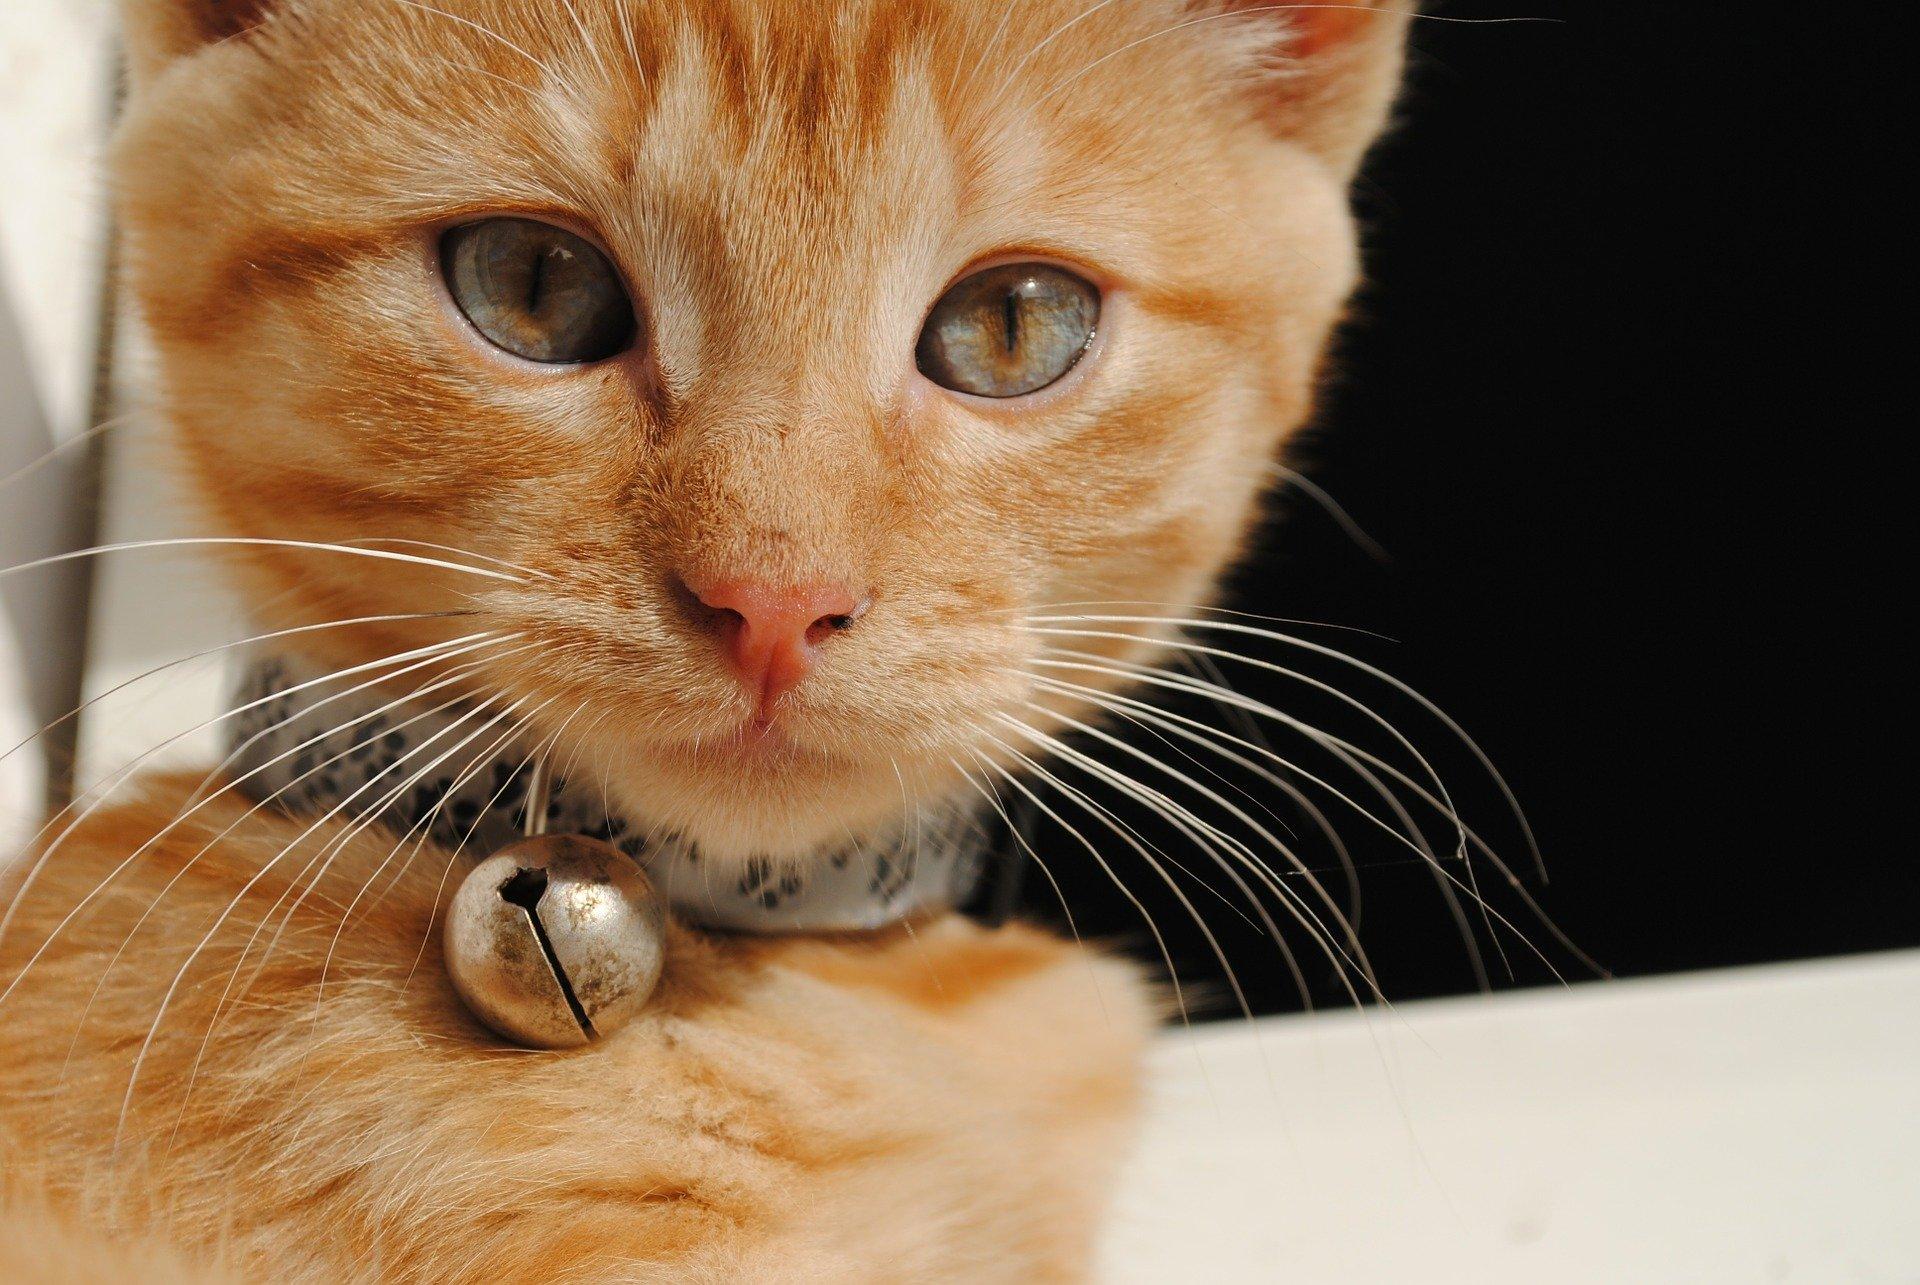 Collari per gatti: come sceglierlo e le caratteristiche